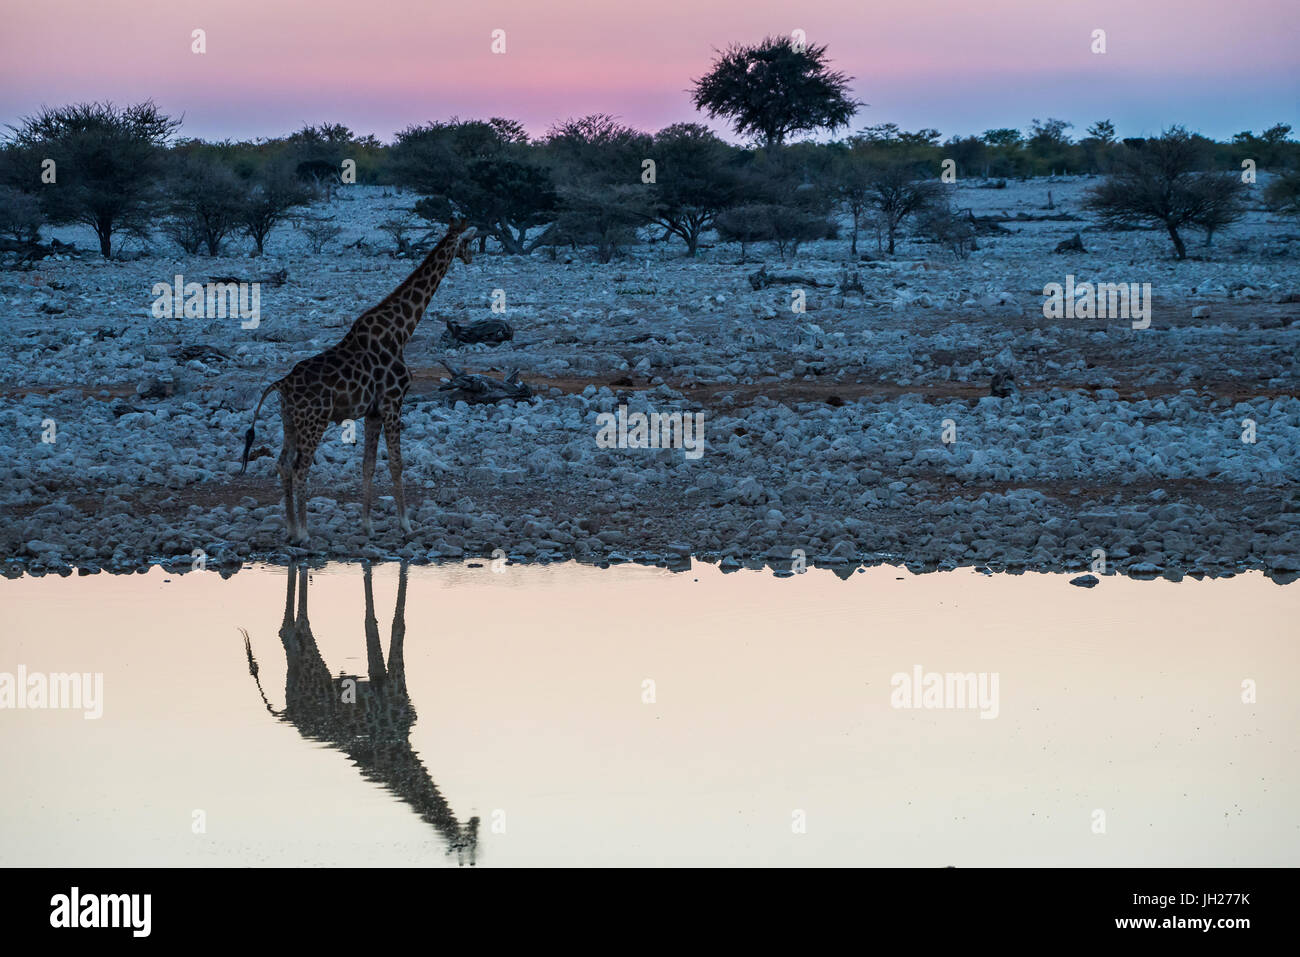 Giraffe reflejado en el agua de un abrevadero, Okaukuejo resto Camp, el Parque Nacional de Etosha, Namibia, África Imagen De Stock